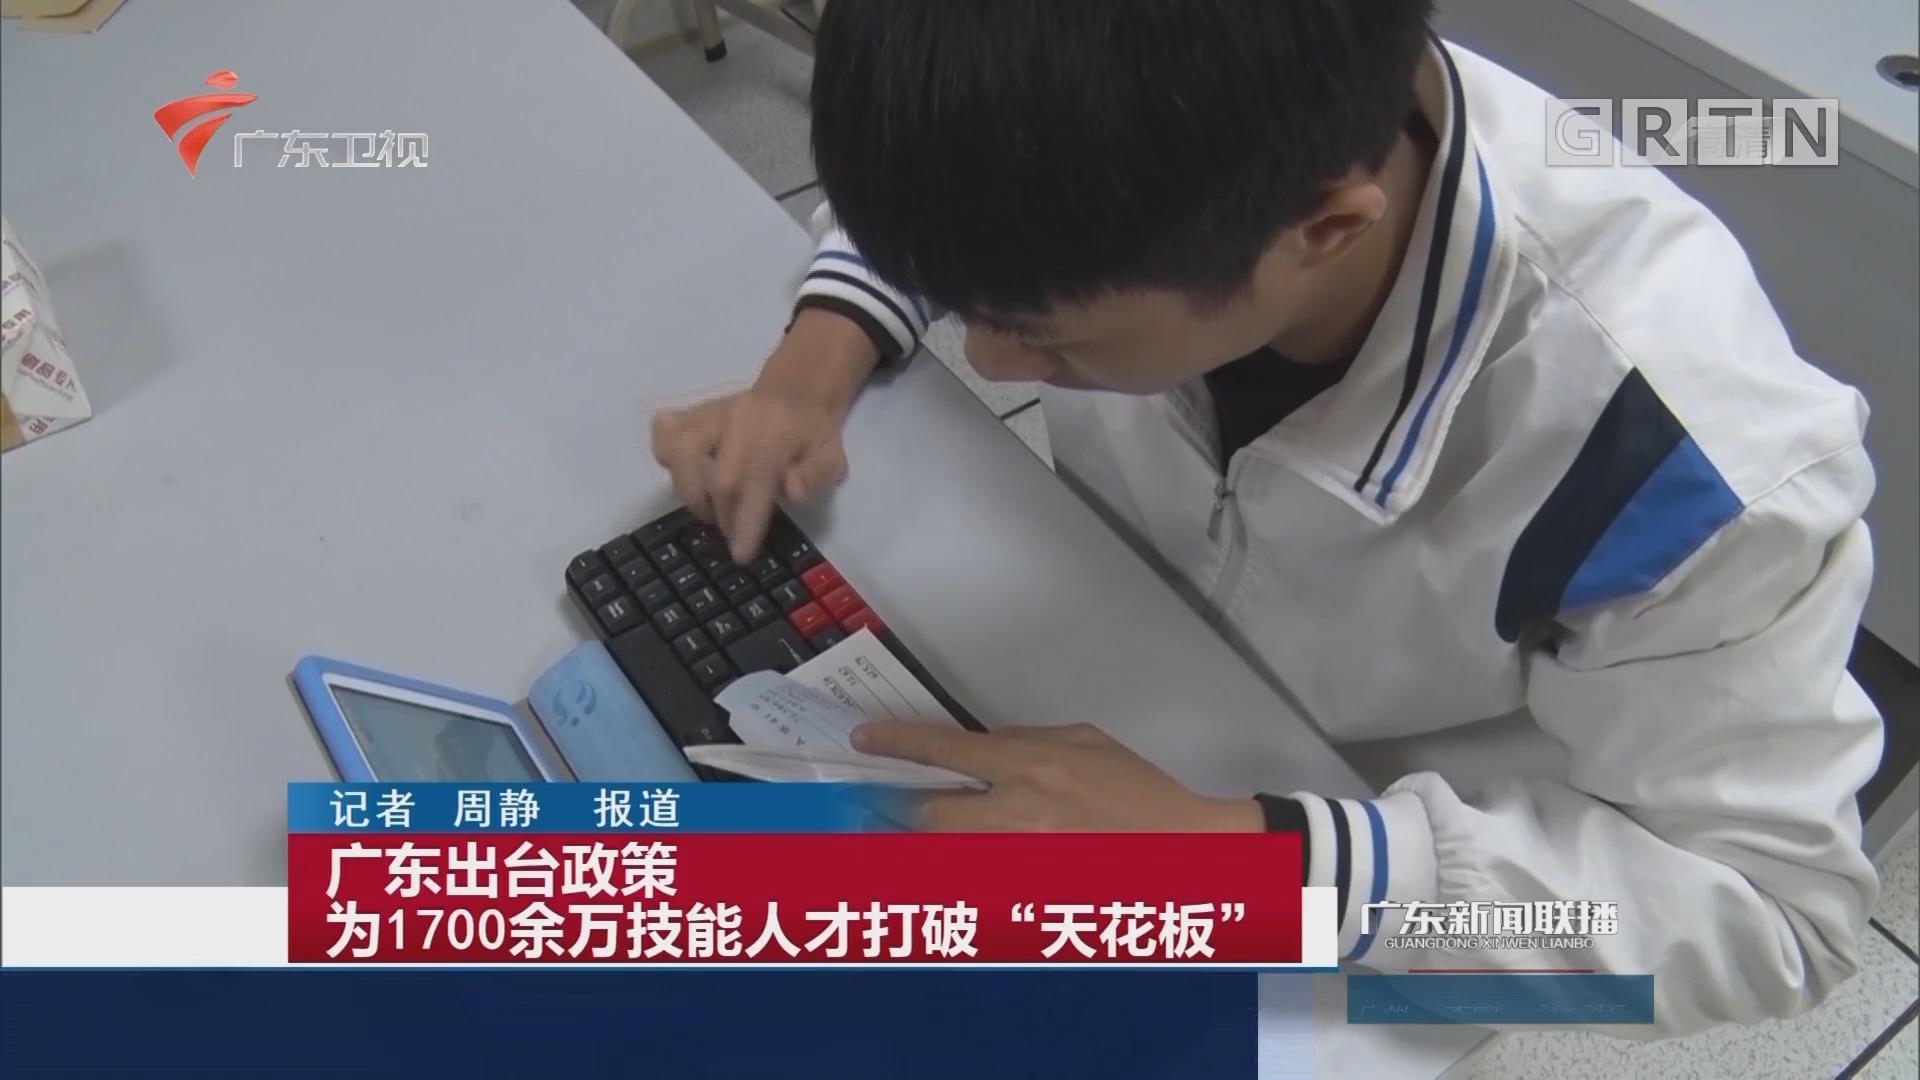 """广东出台政策 为1700余万技能人才打破""""天花板"""""""